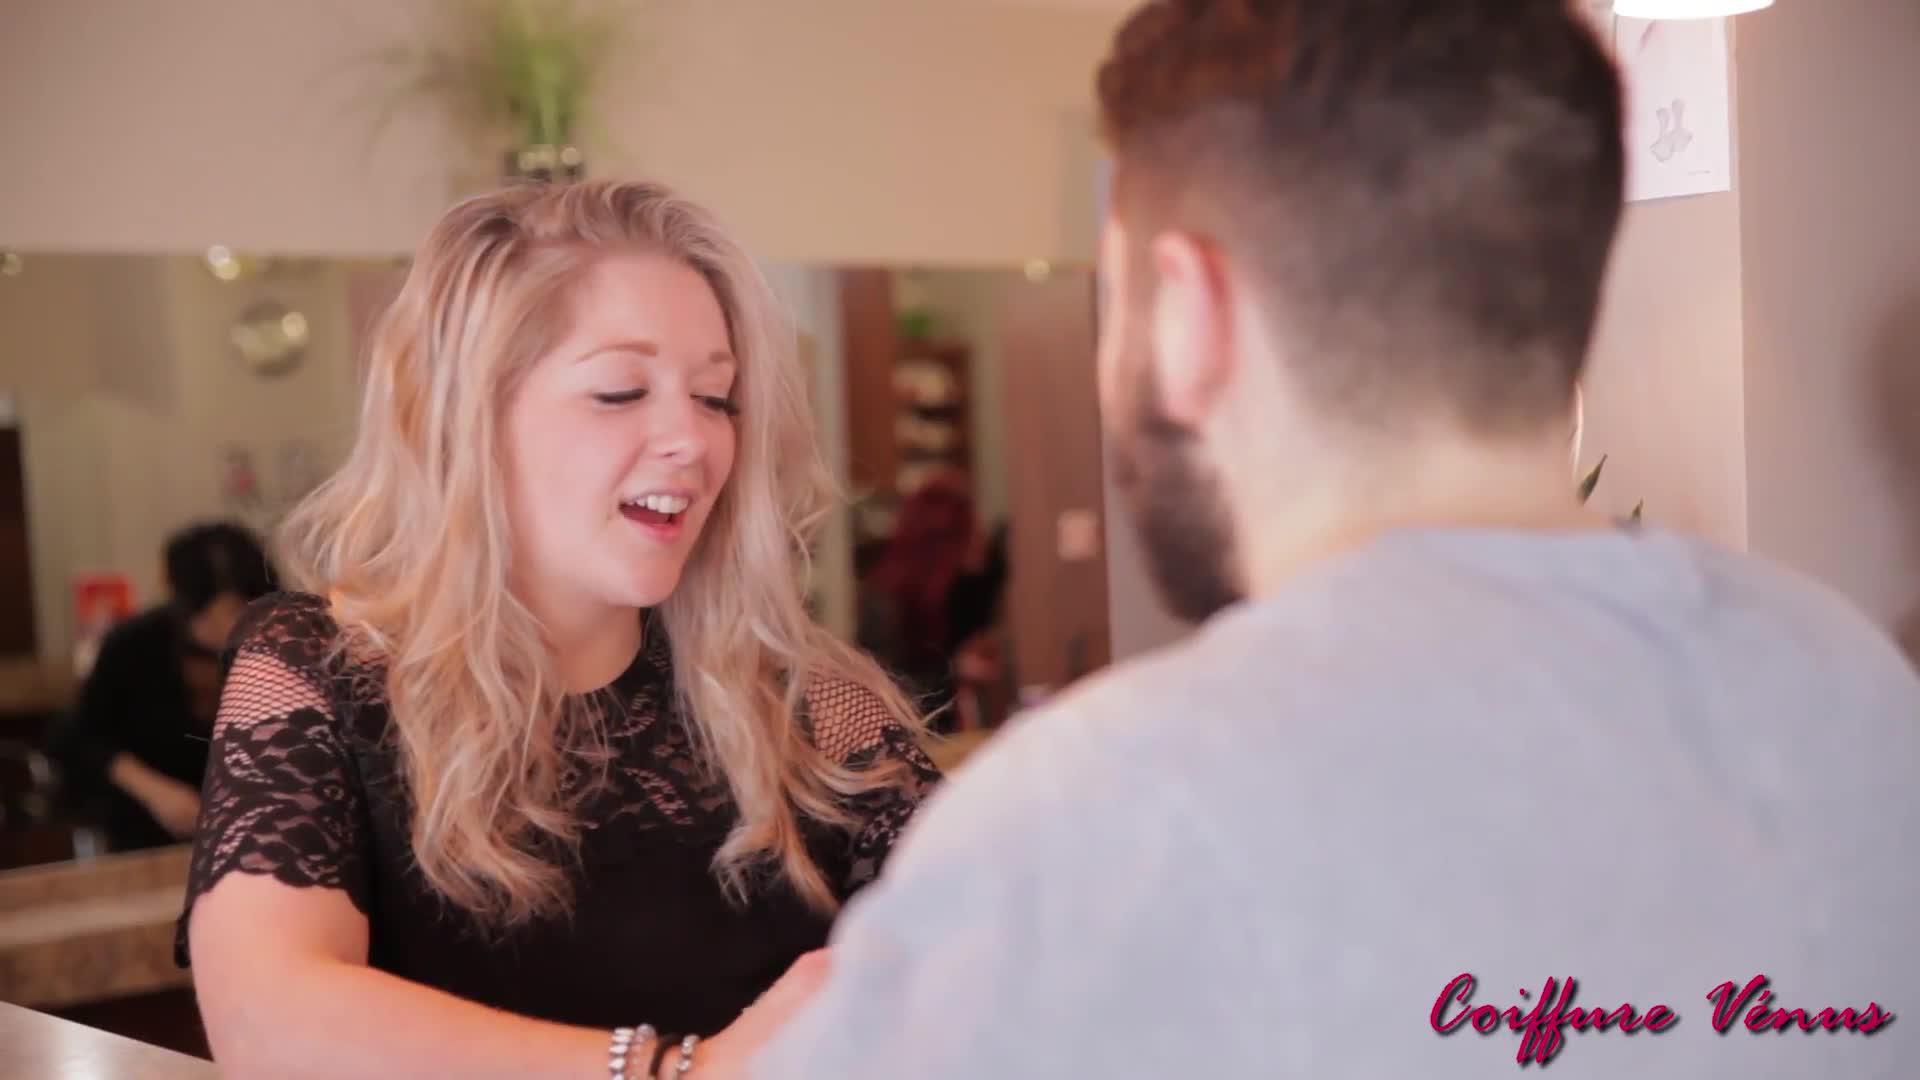 Coiffure Vénus - Salons de coiffure et de beauté - 819-370-8376